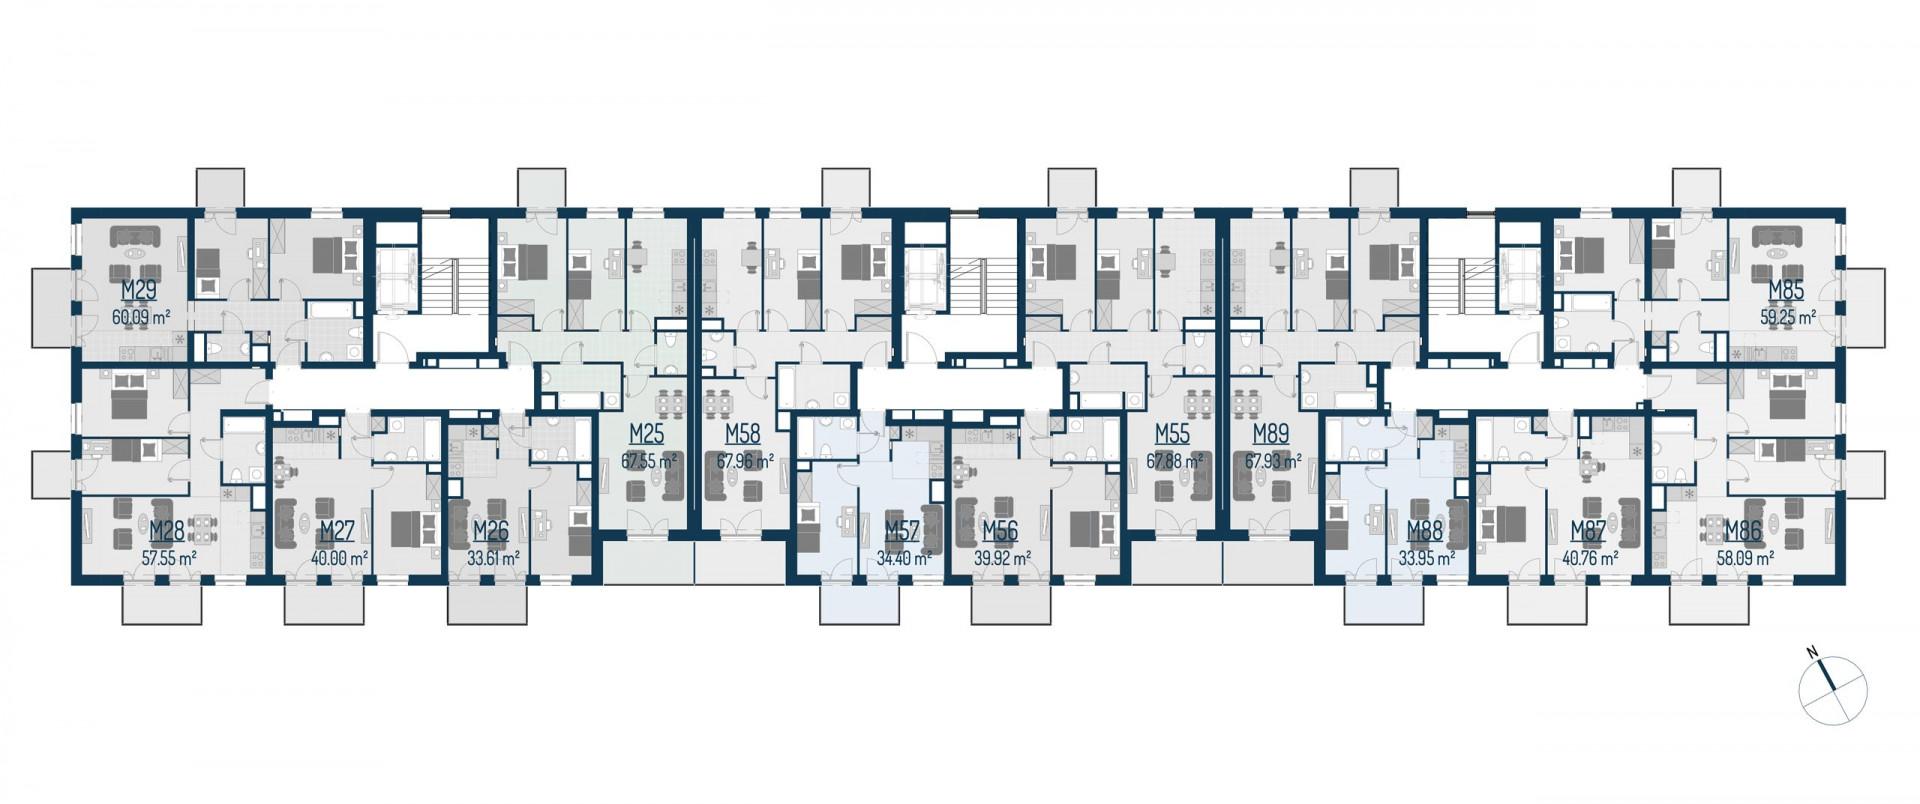 Zdrowe Stylove / budynek 1 / mieszkanie nr M85 rzut 2